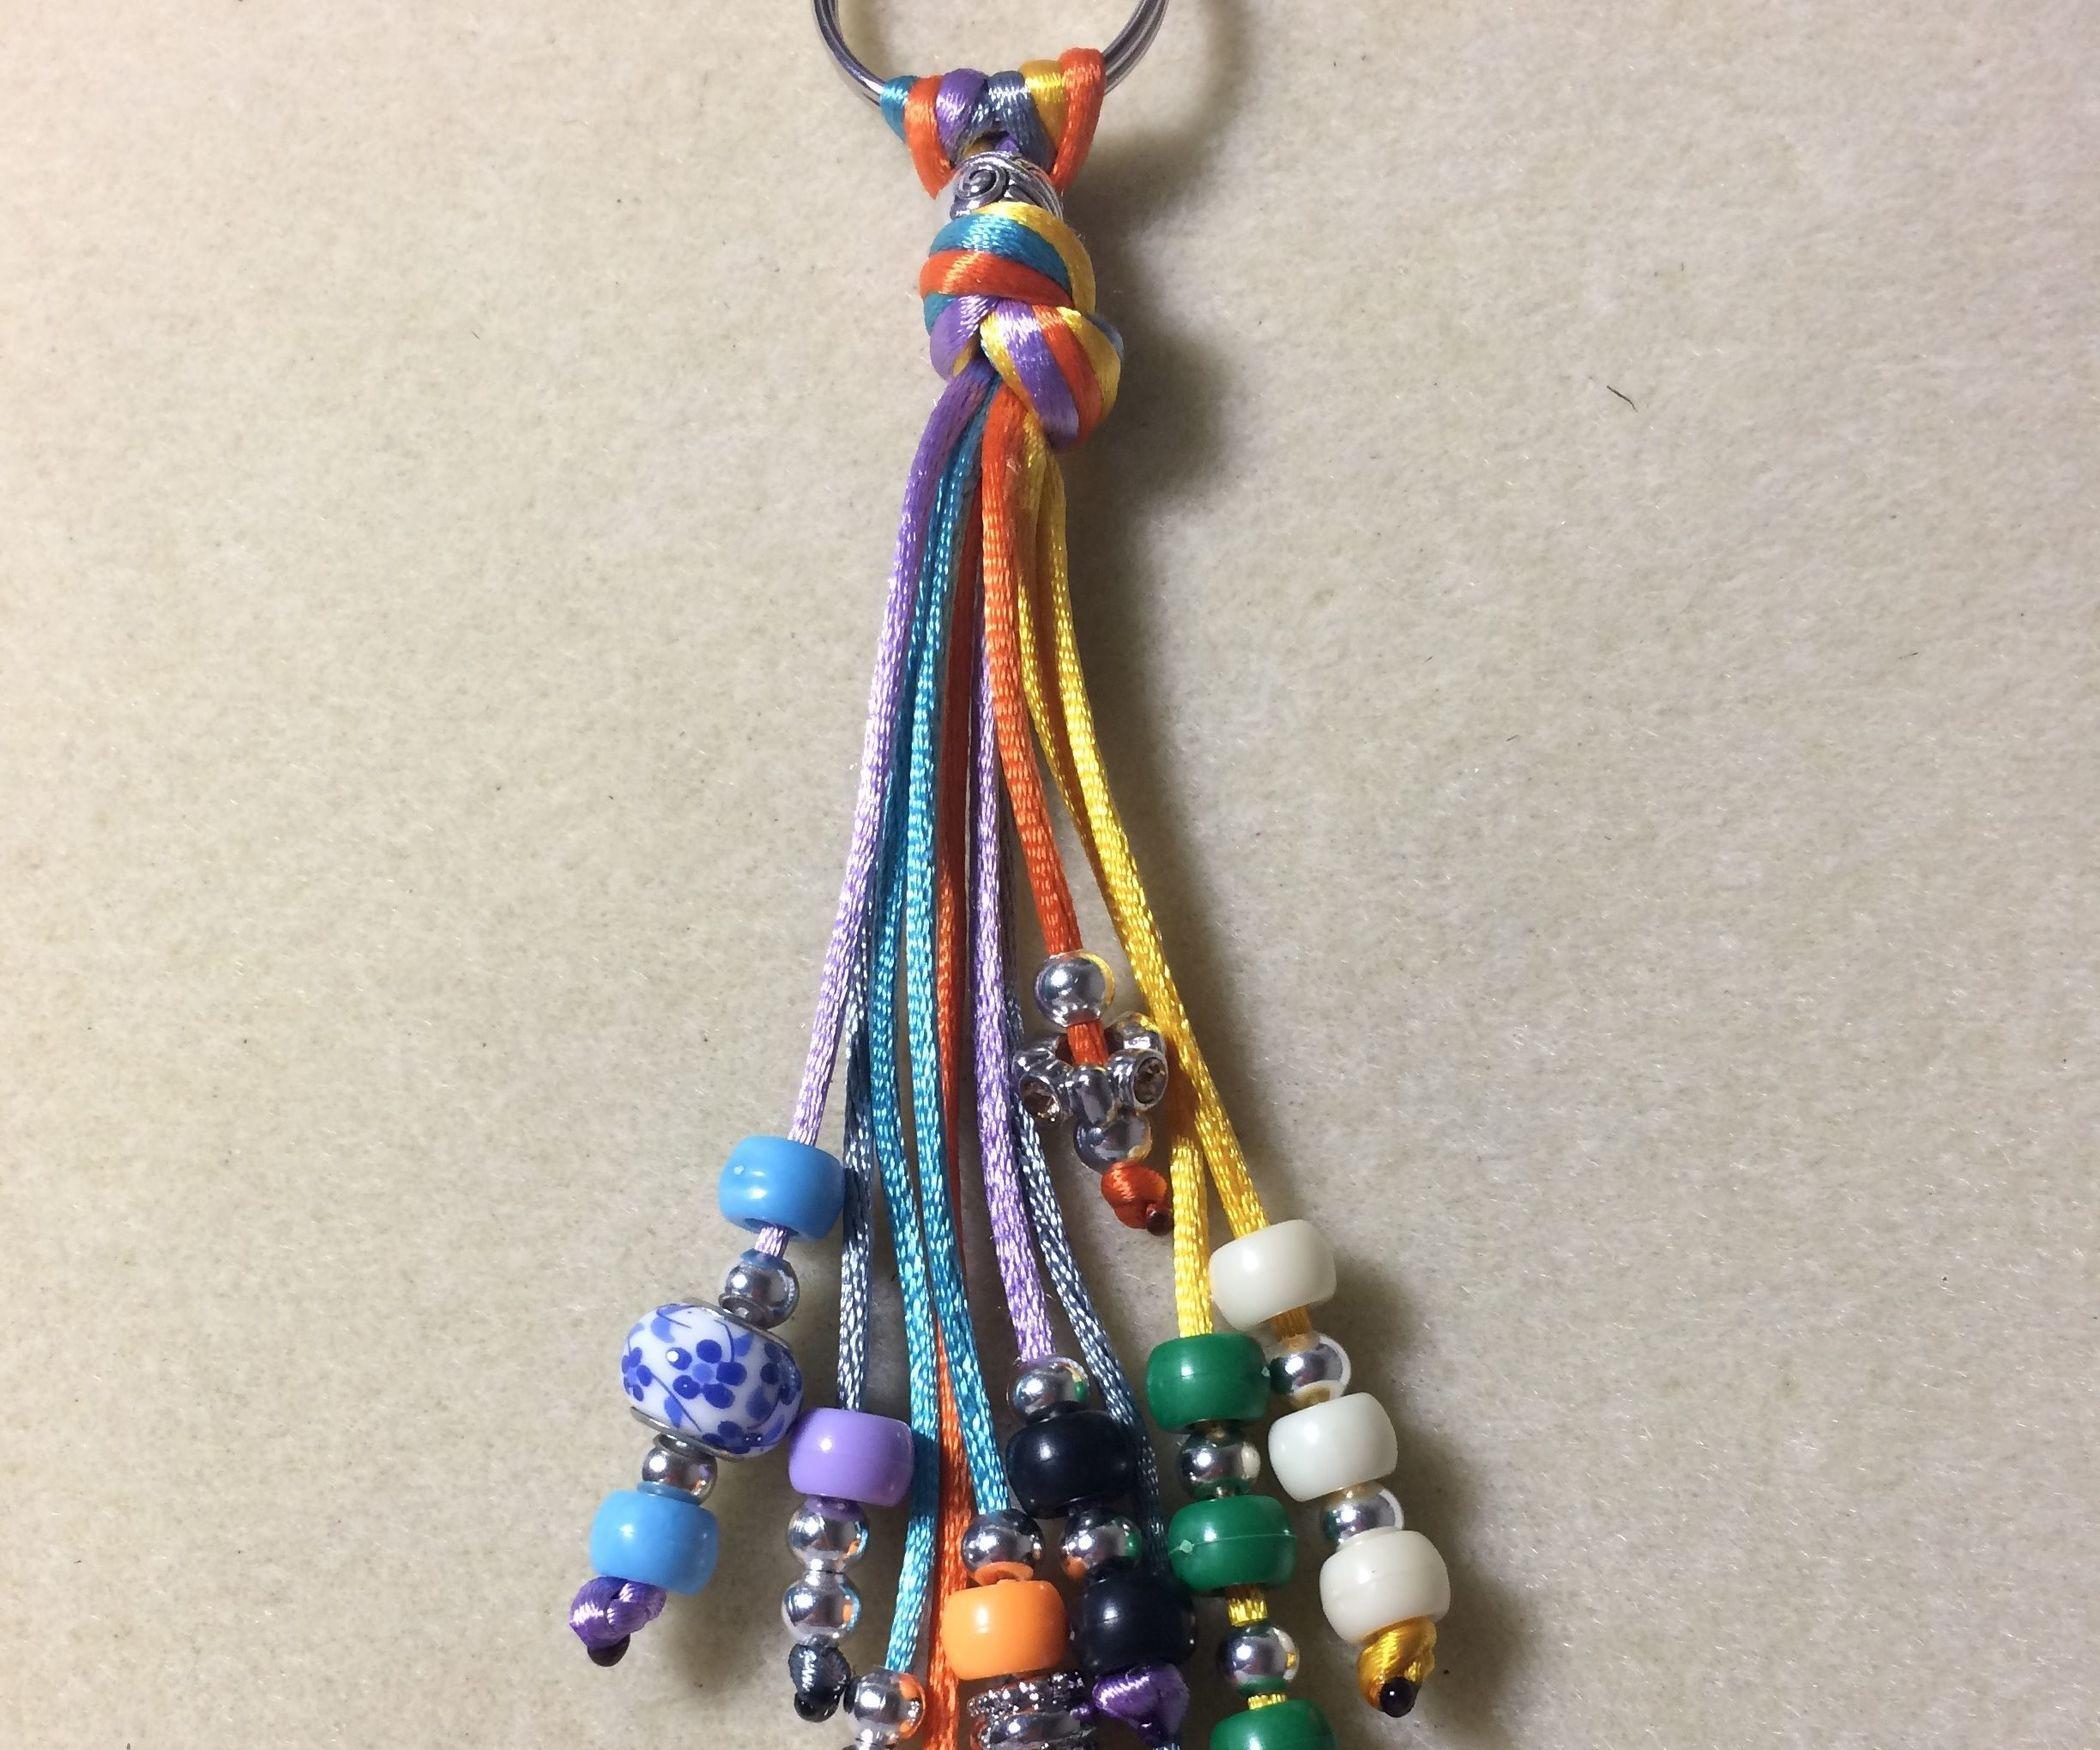 Fun & Playful Keychain Keychain, Crafts, Fun